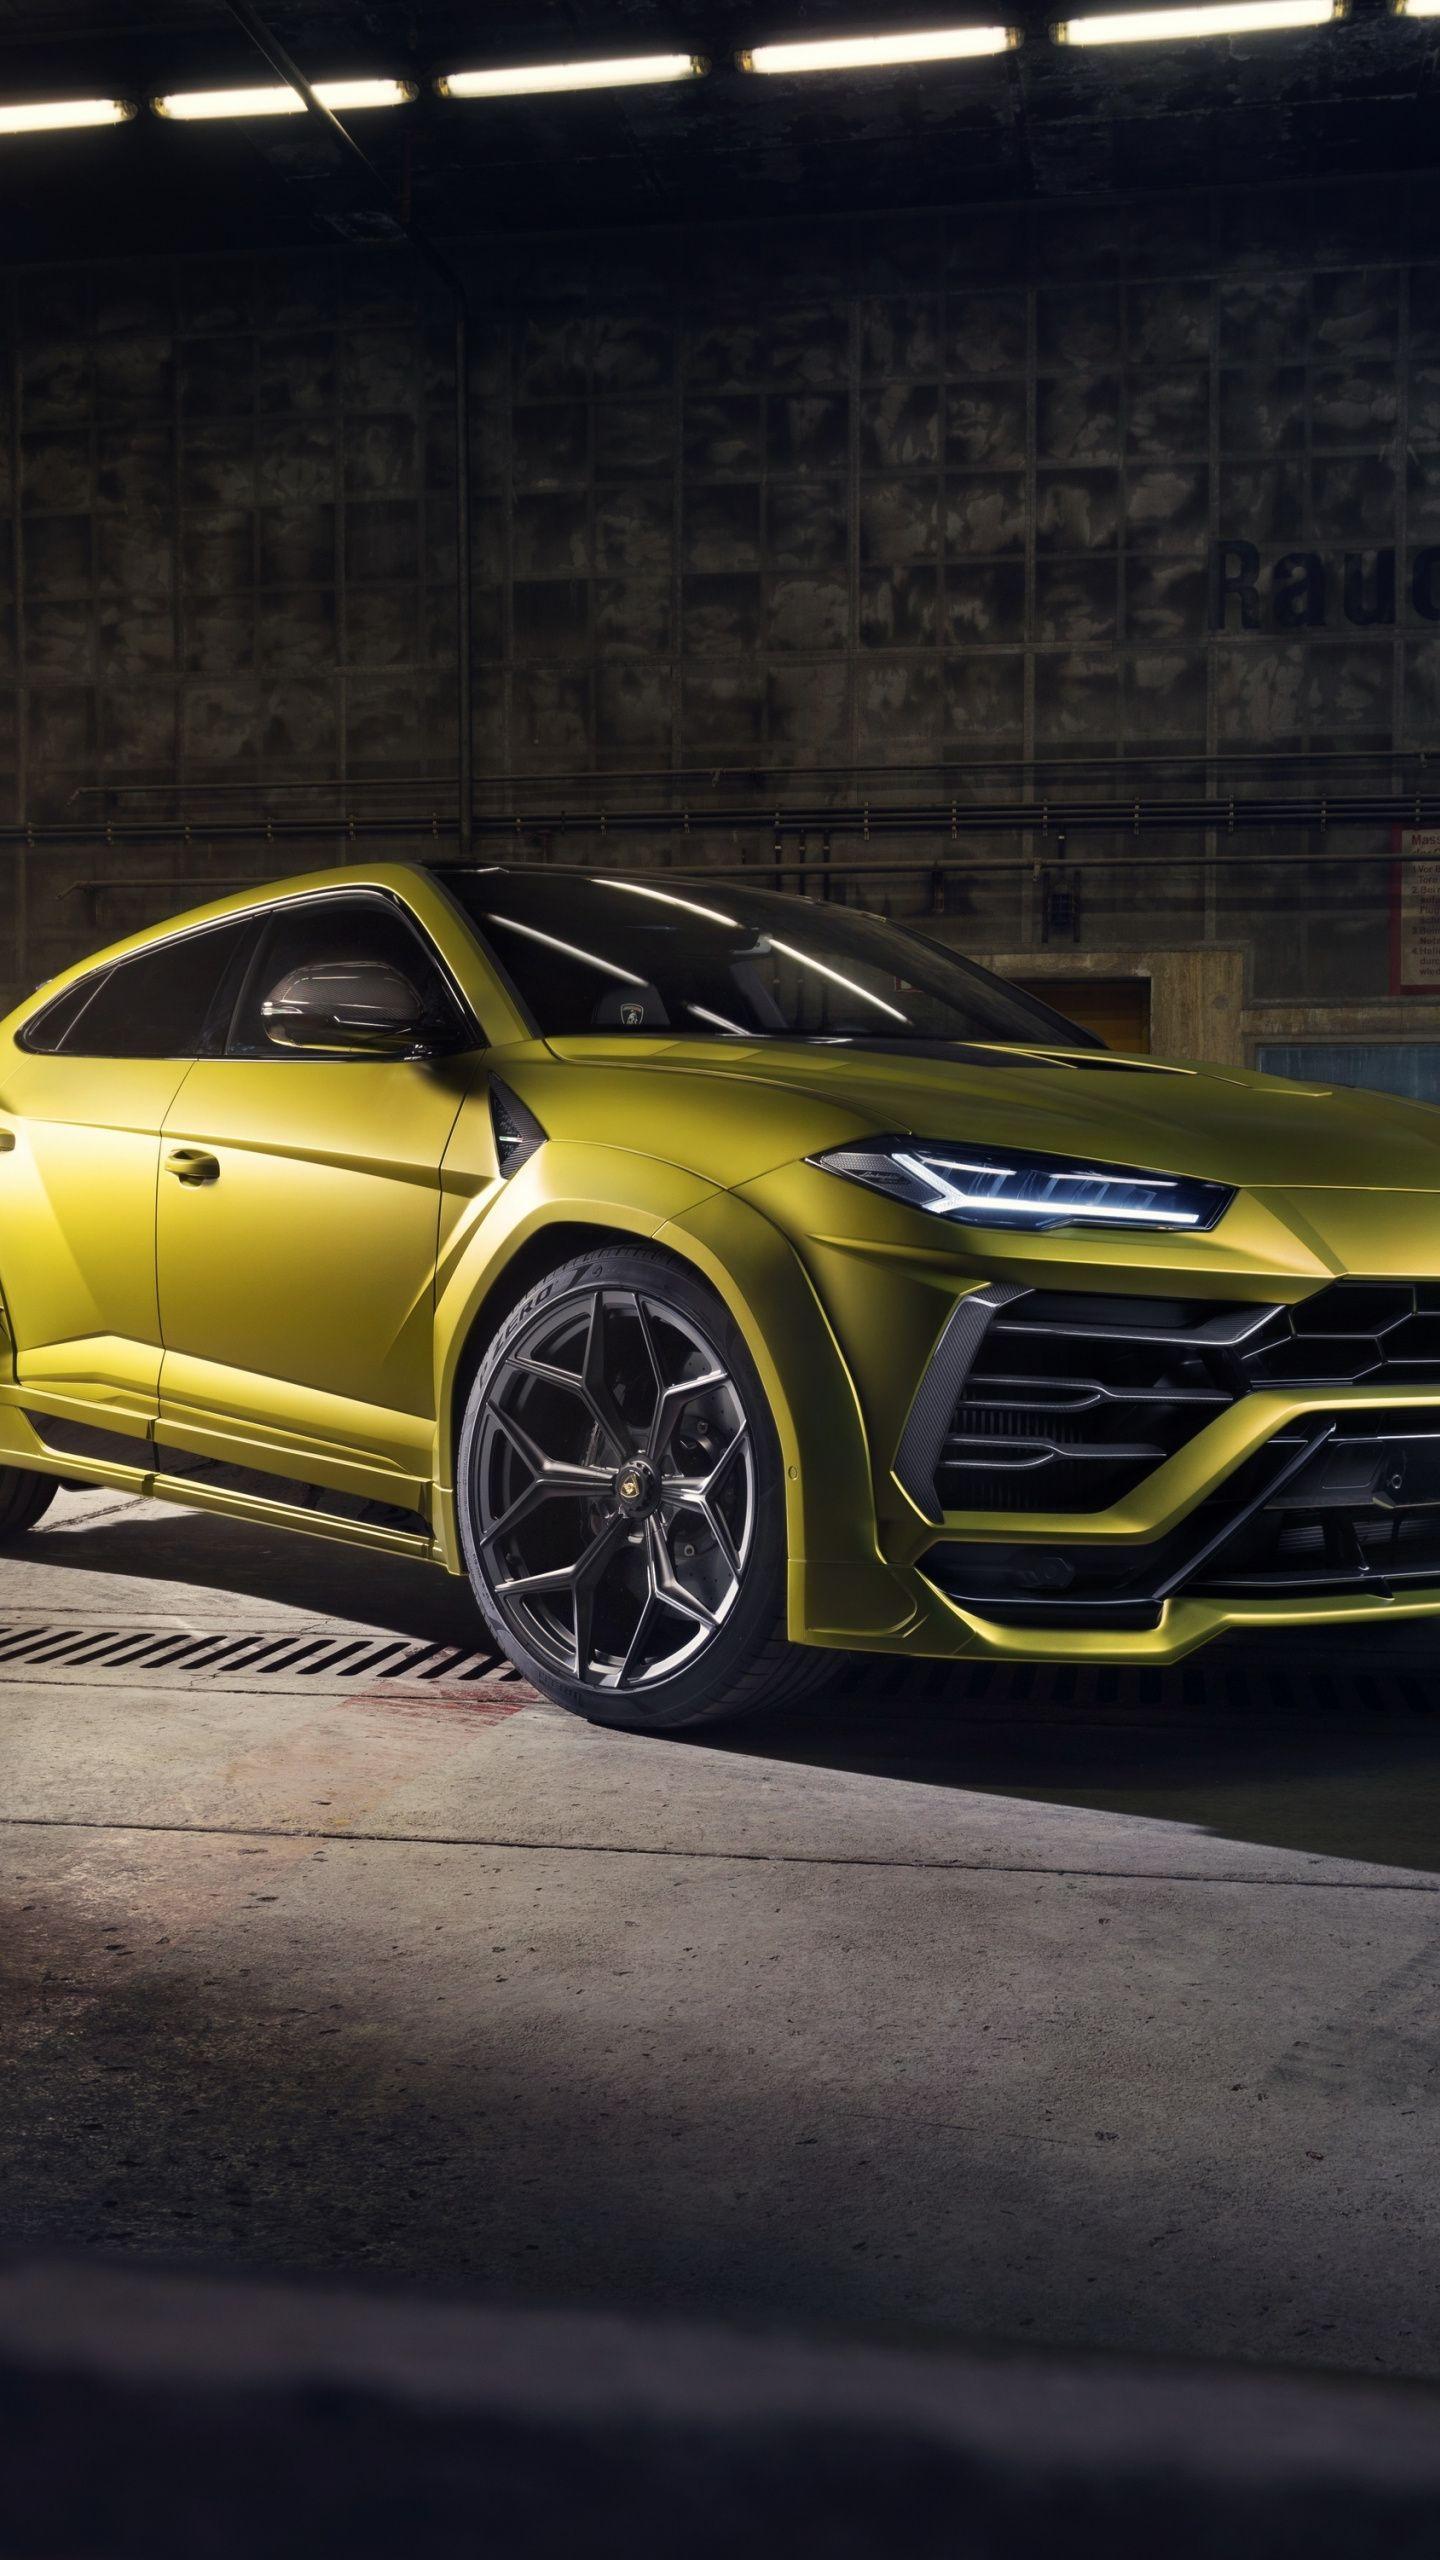 1440x2560 Car Basement Lamborghini Urus Front View 2019